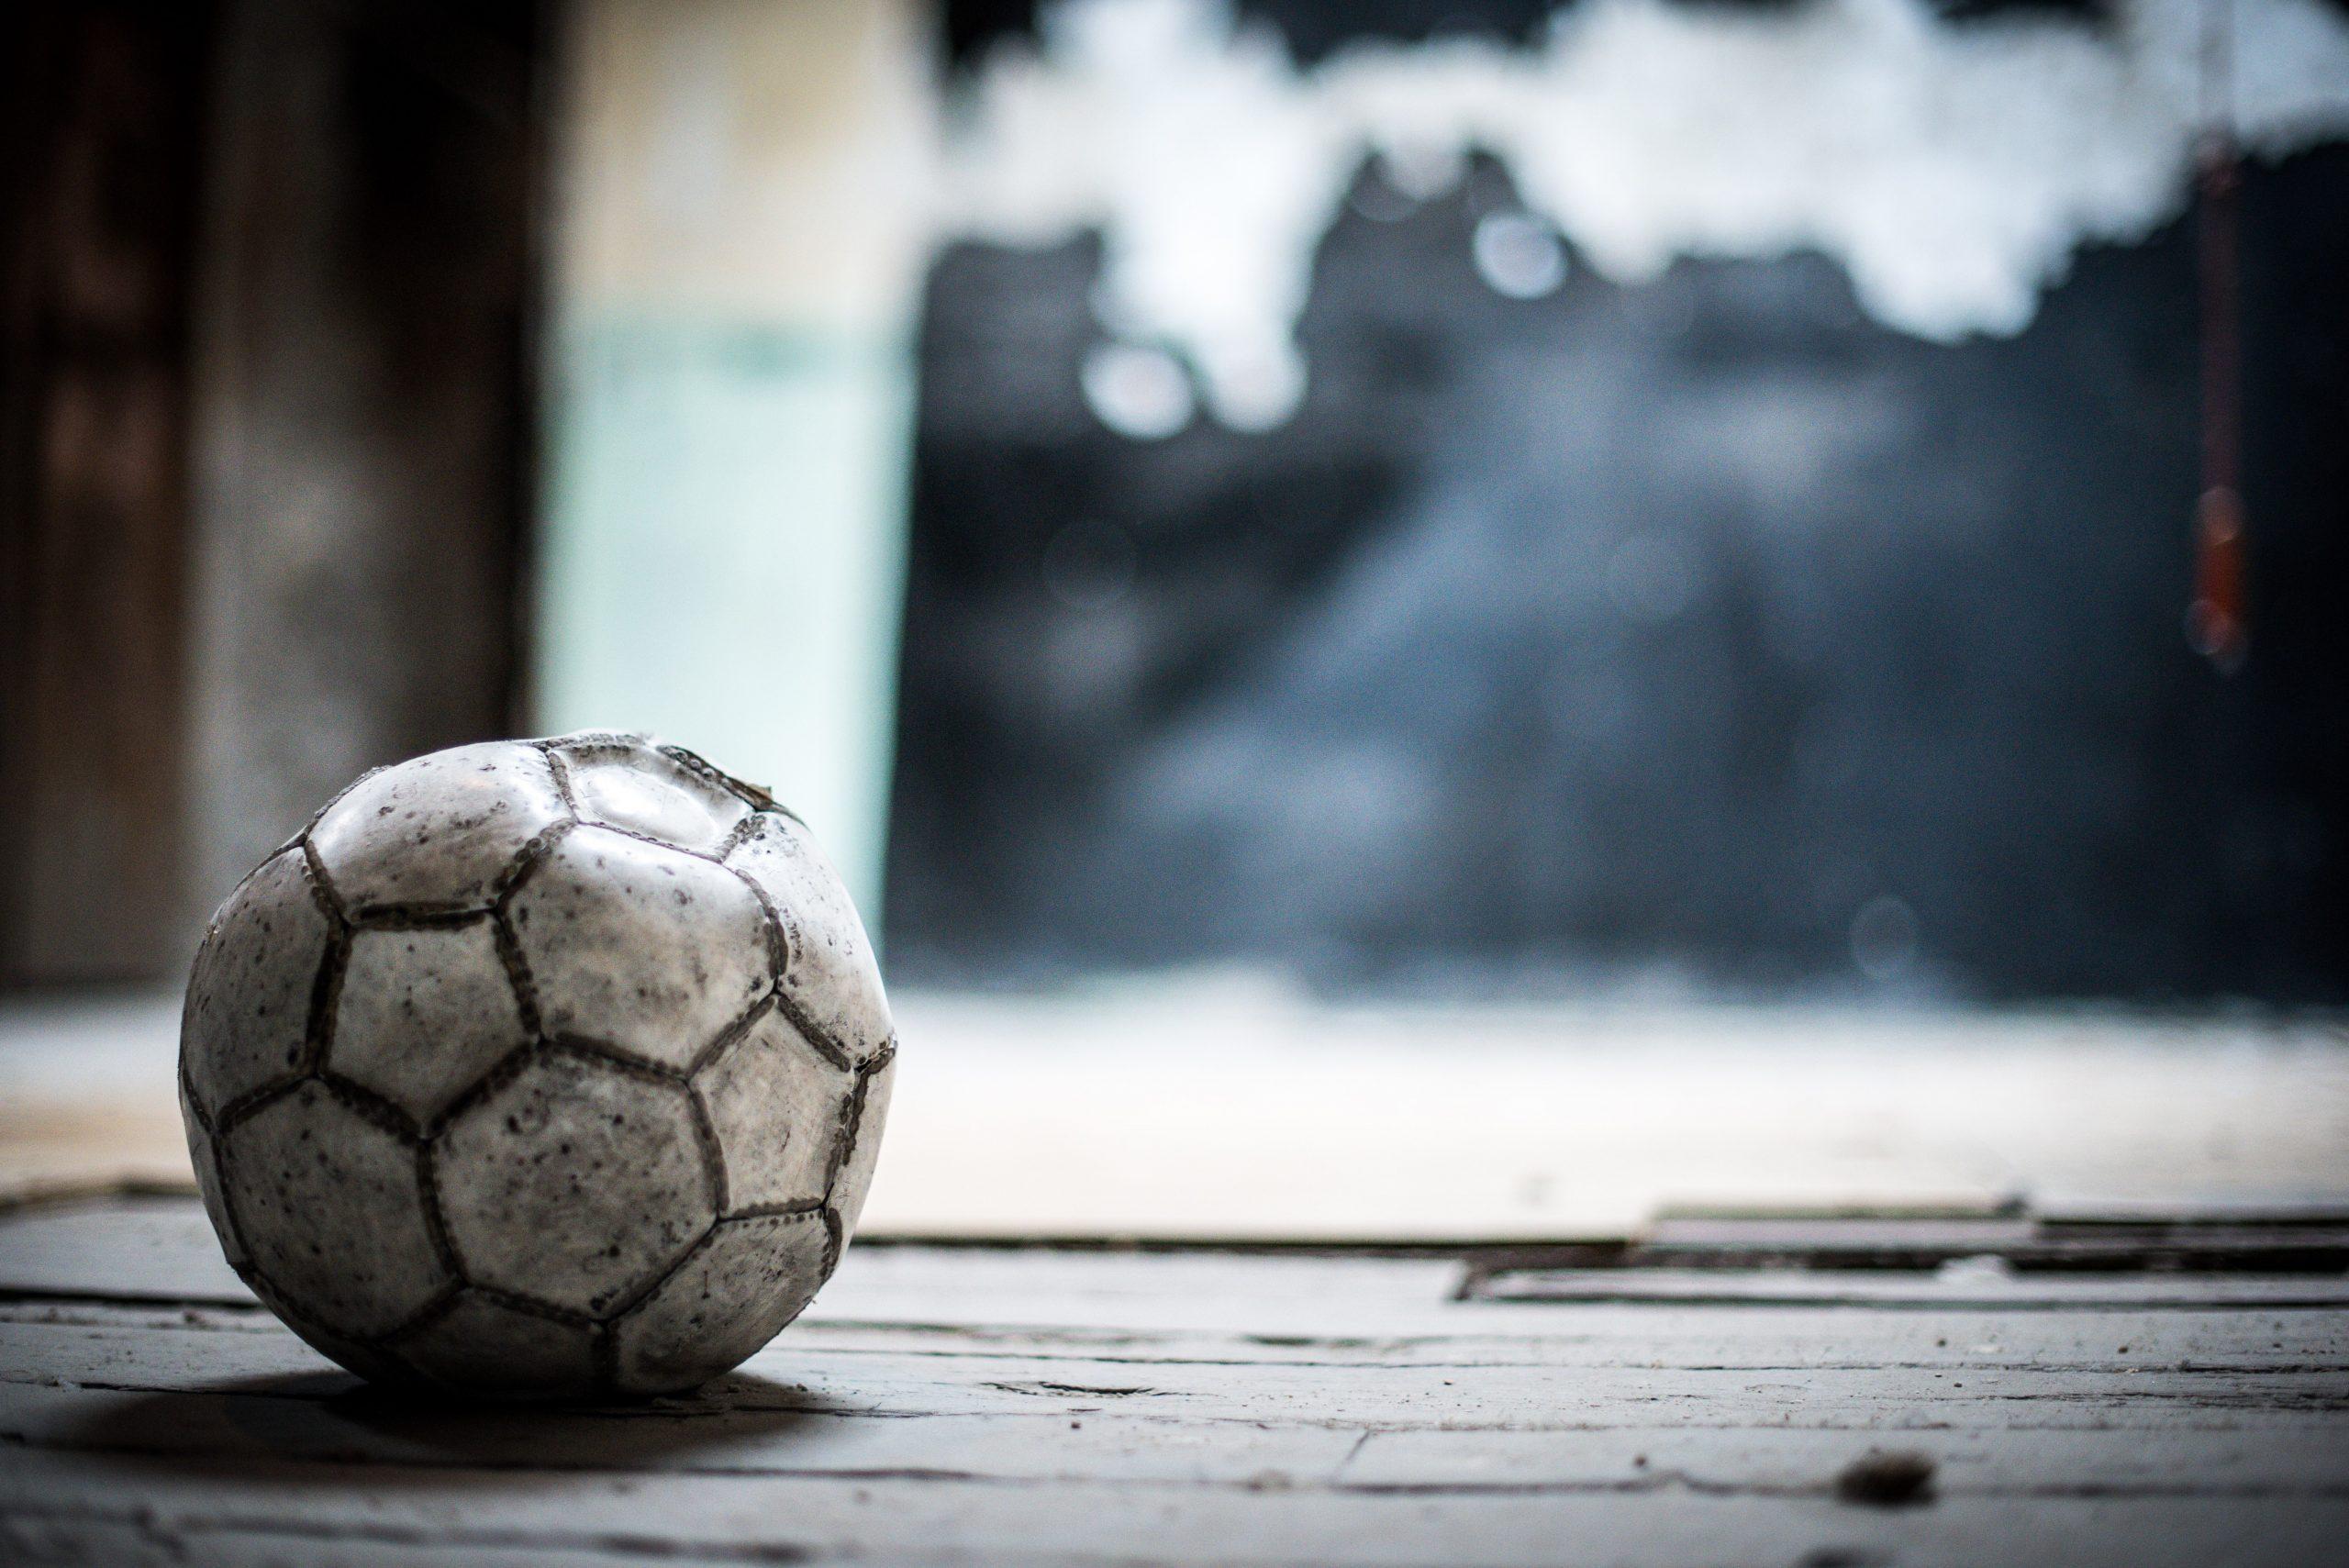 ผลบอลพรีเมียร์ลีก อังกฤษ ล่าสุด (นัดสุดท้าย ฤดูกาล 2019-20)